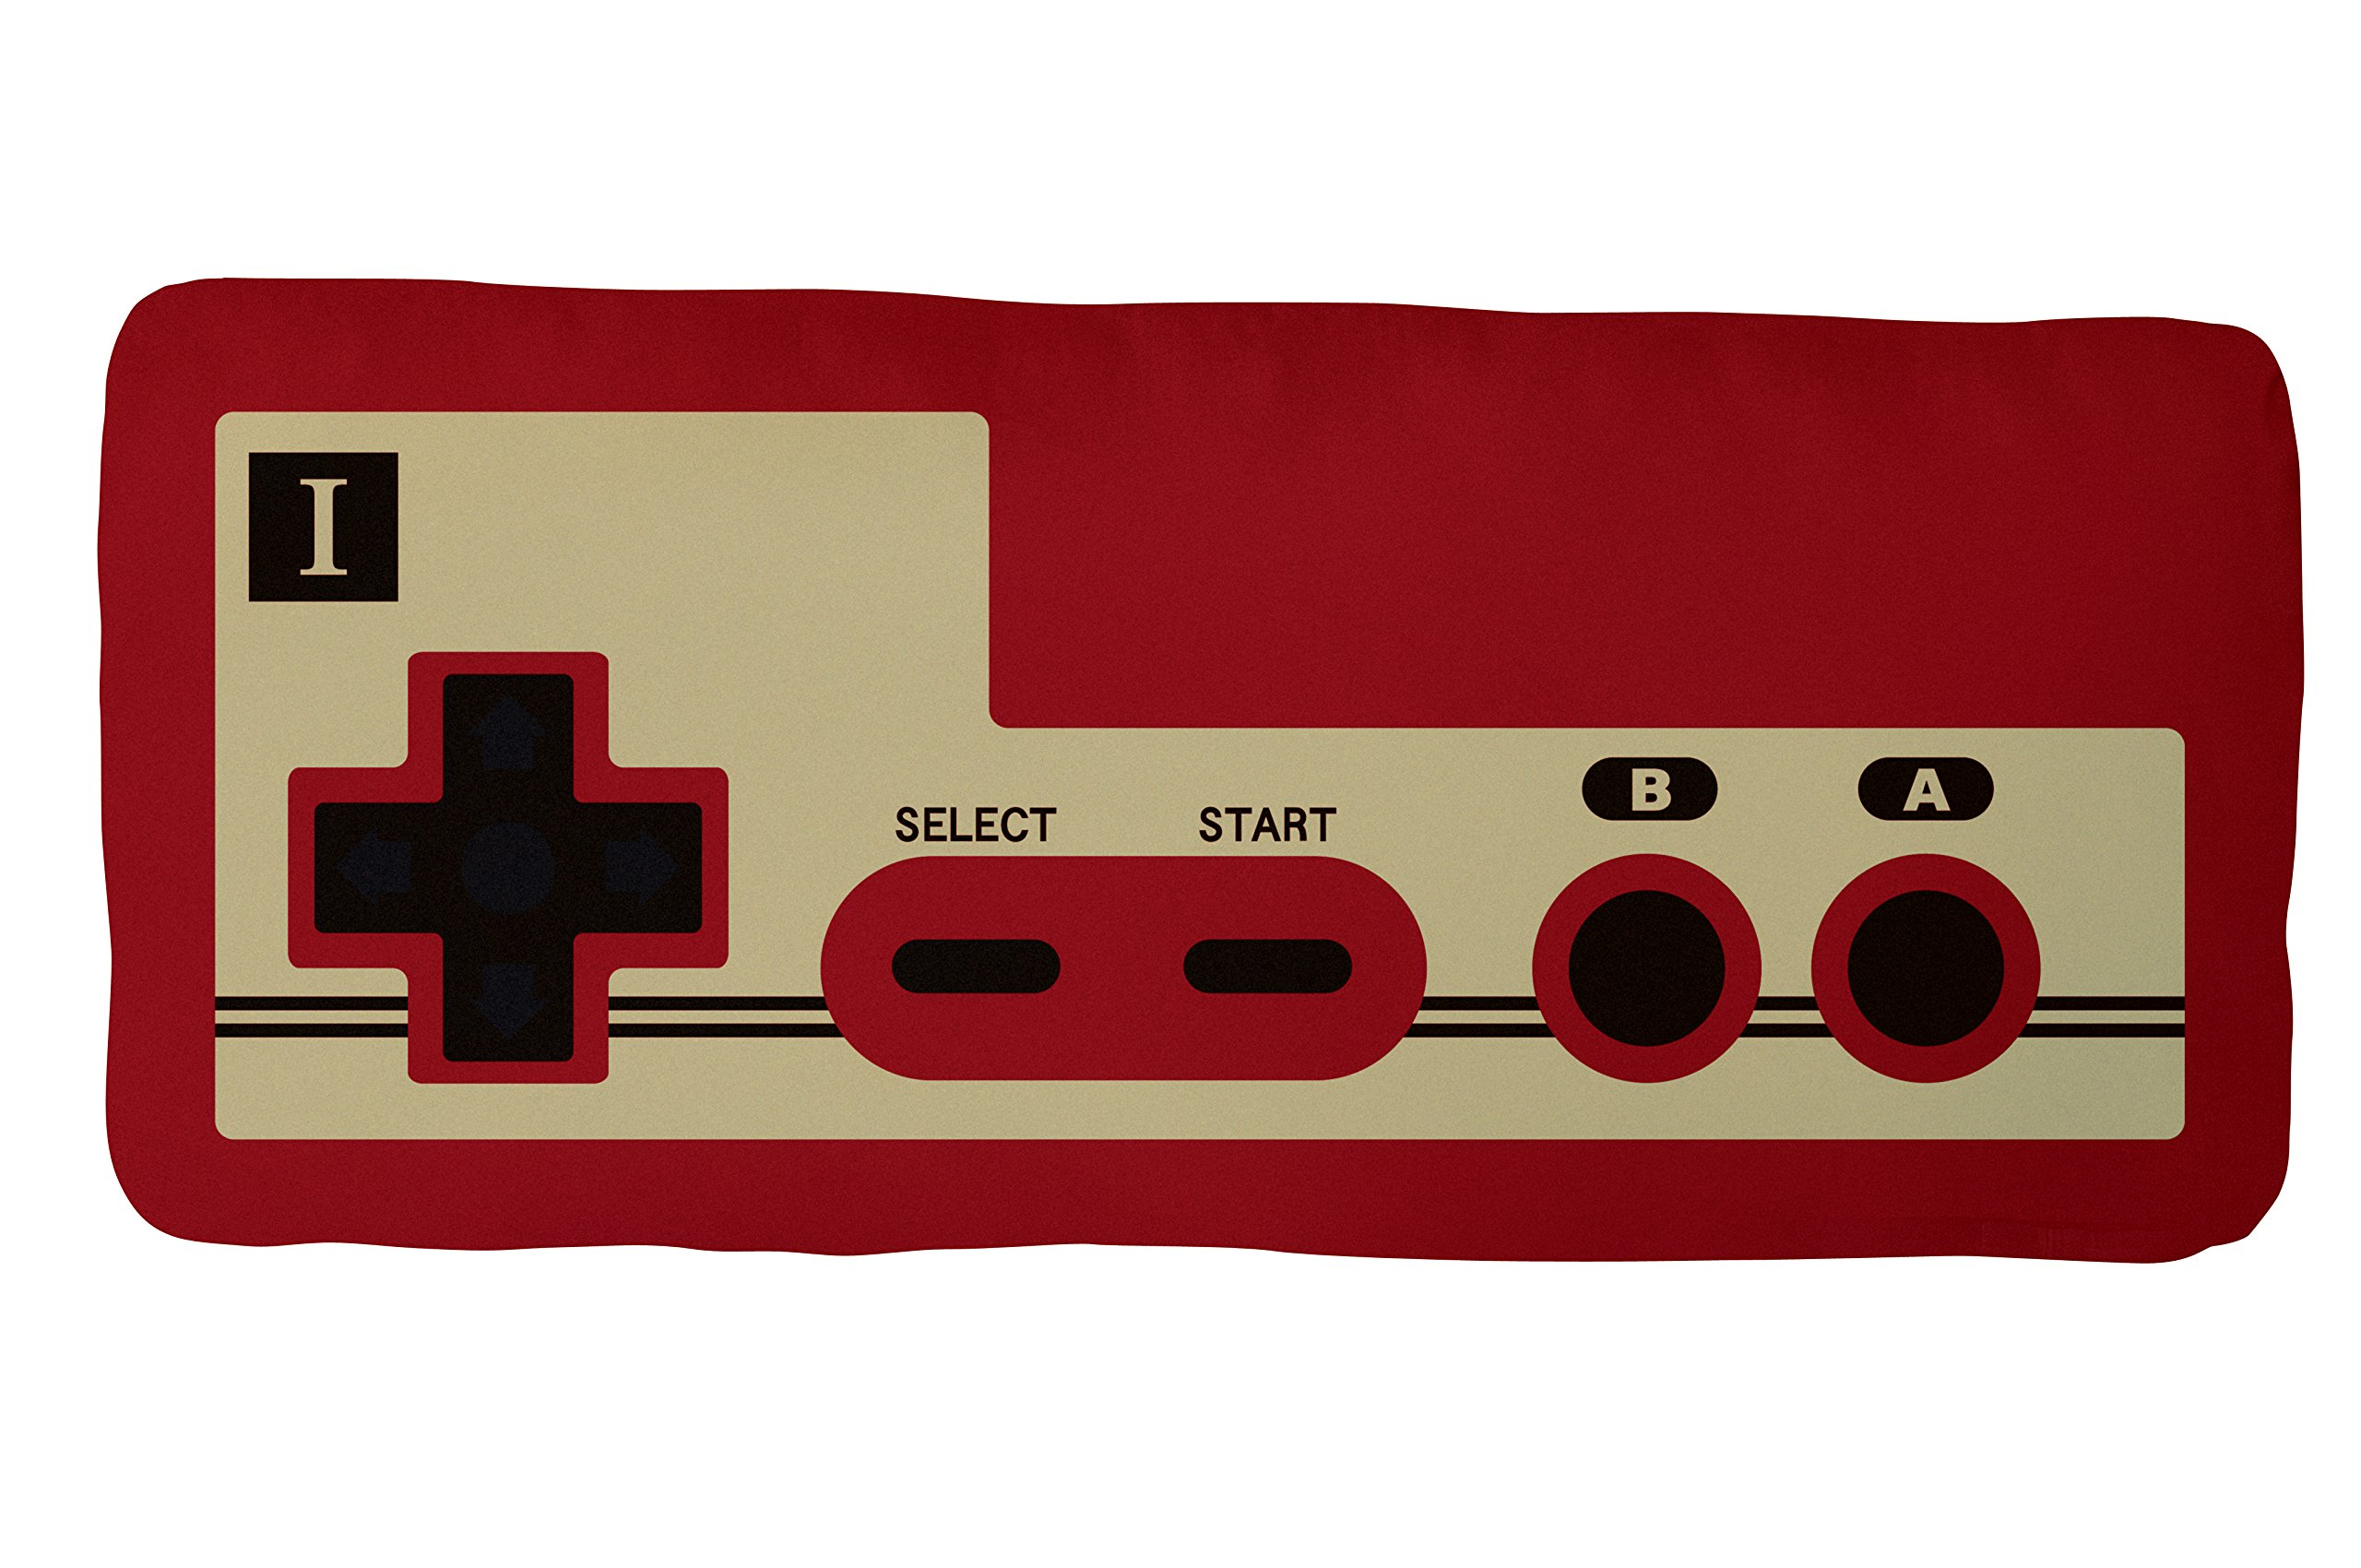 Little Buddy Super Mario 30th Anniversary Retro FC30 Game Controller Plush Pillow, 19''